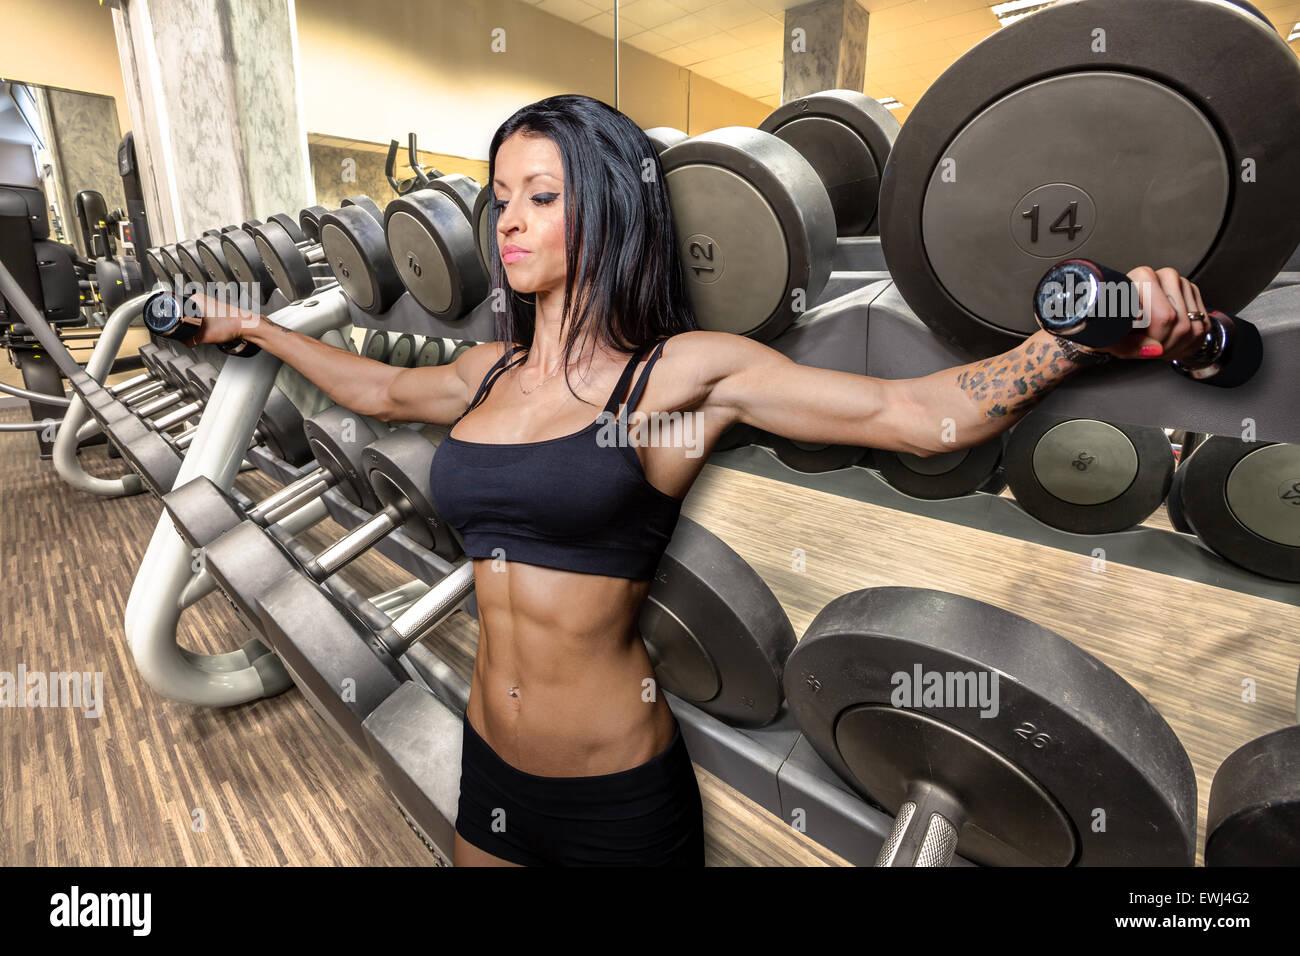 En el Gimnasio de Musculación Imagen De Stock